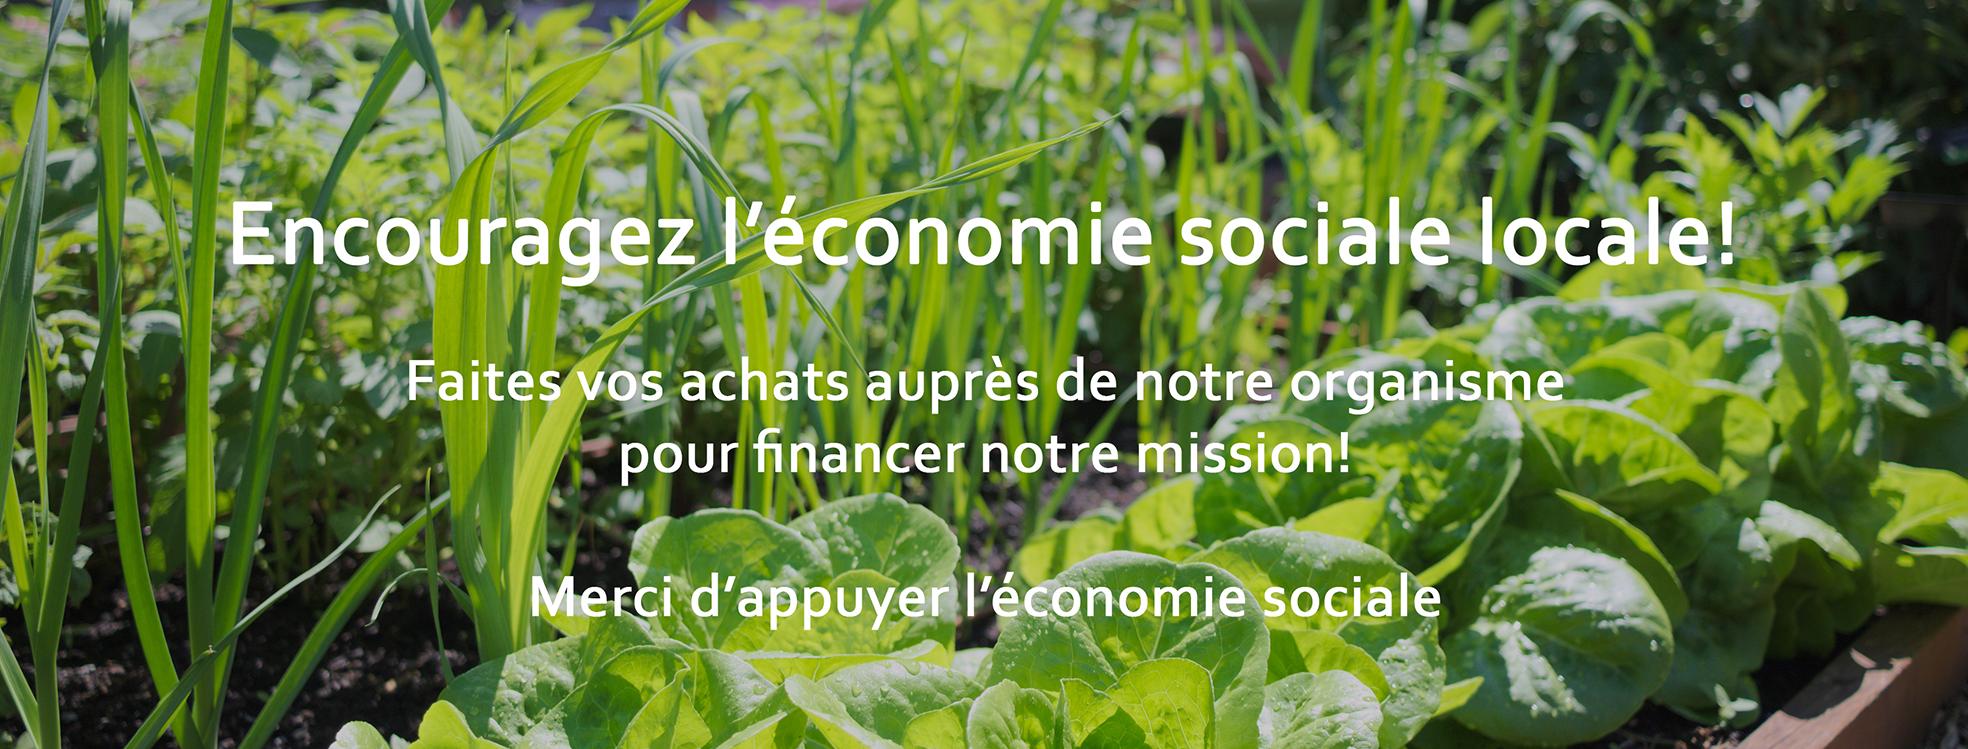 Encouragez l'économie sociale locale